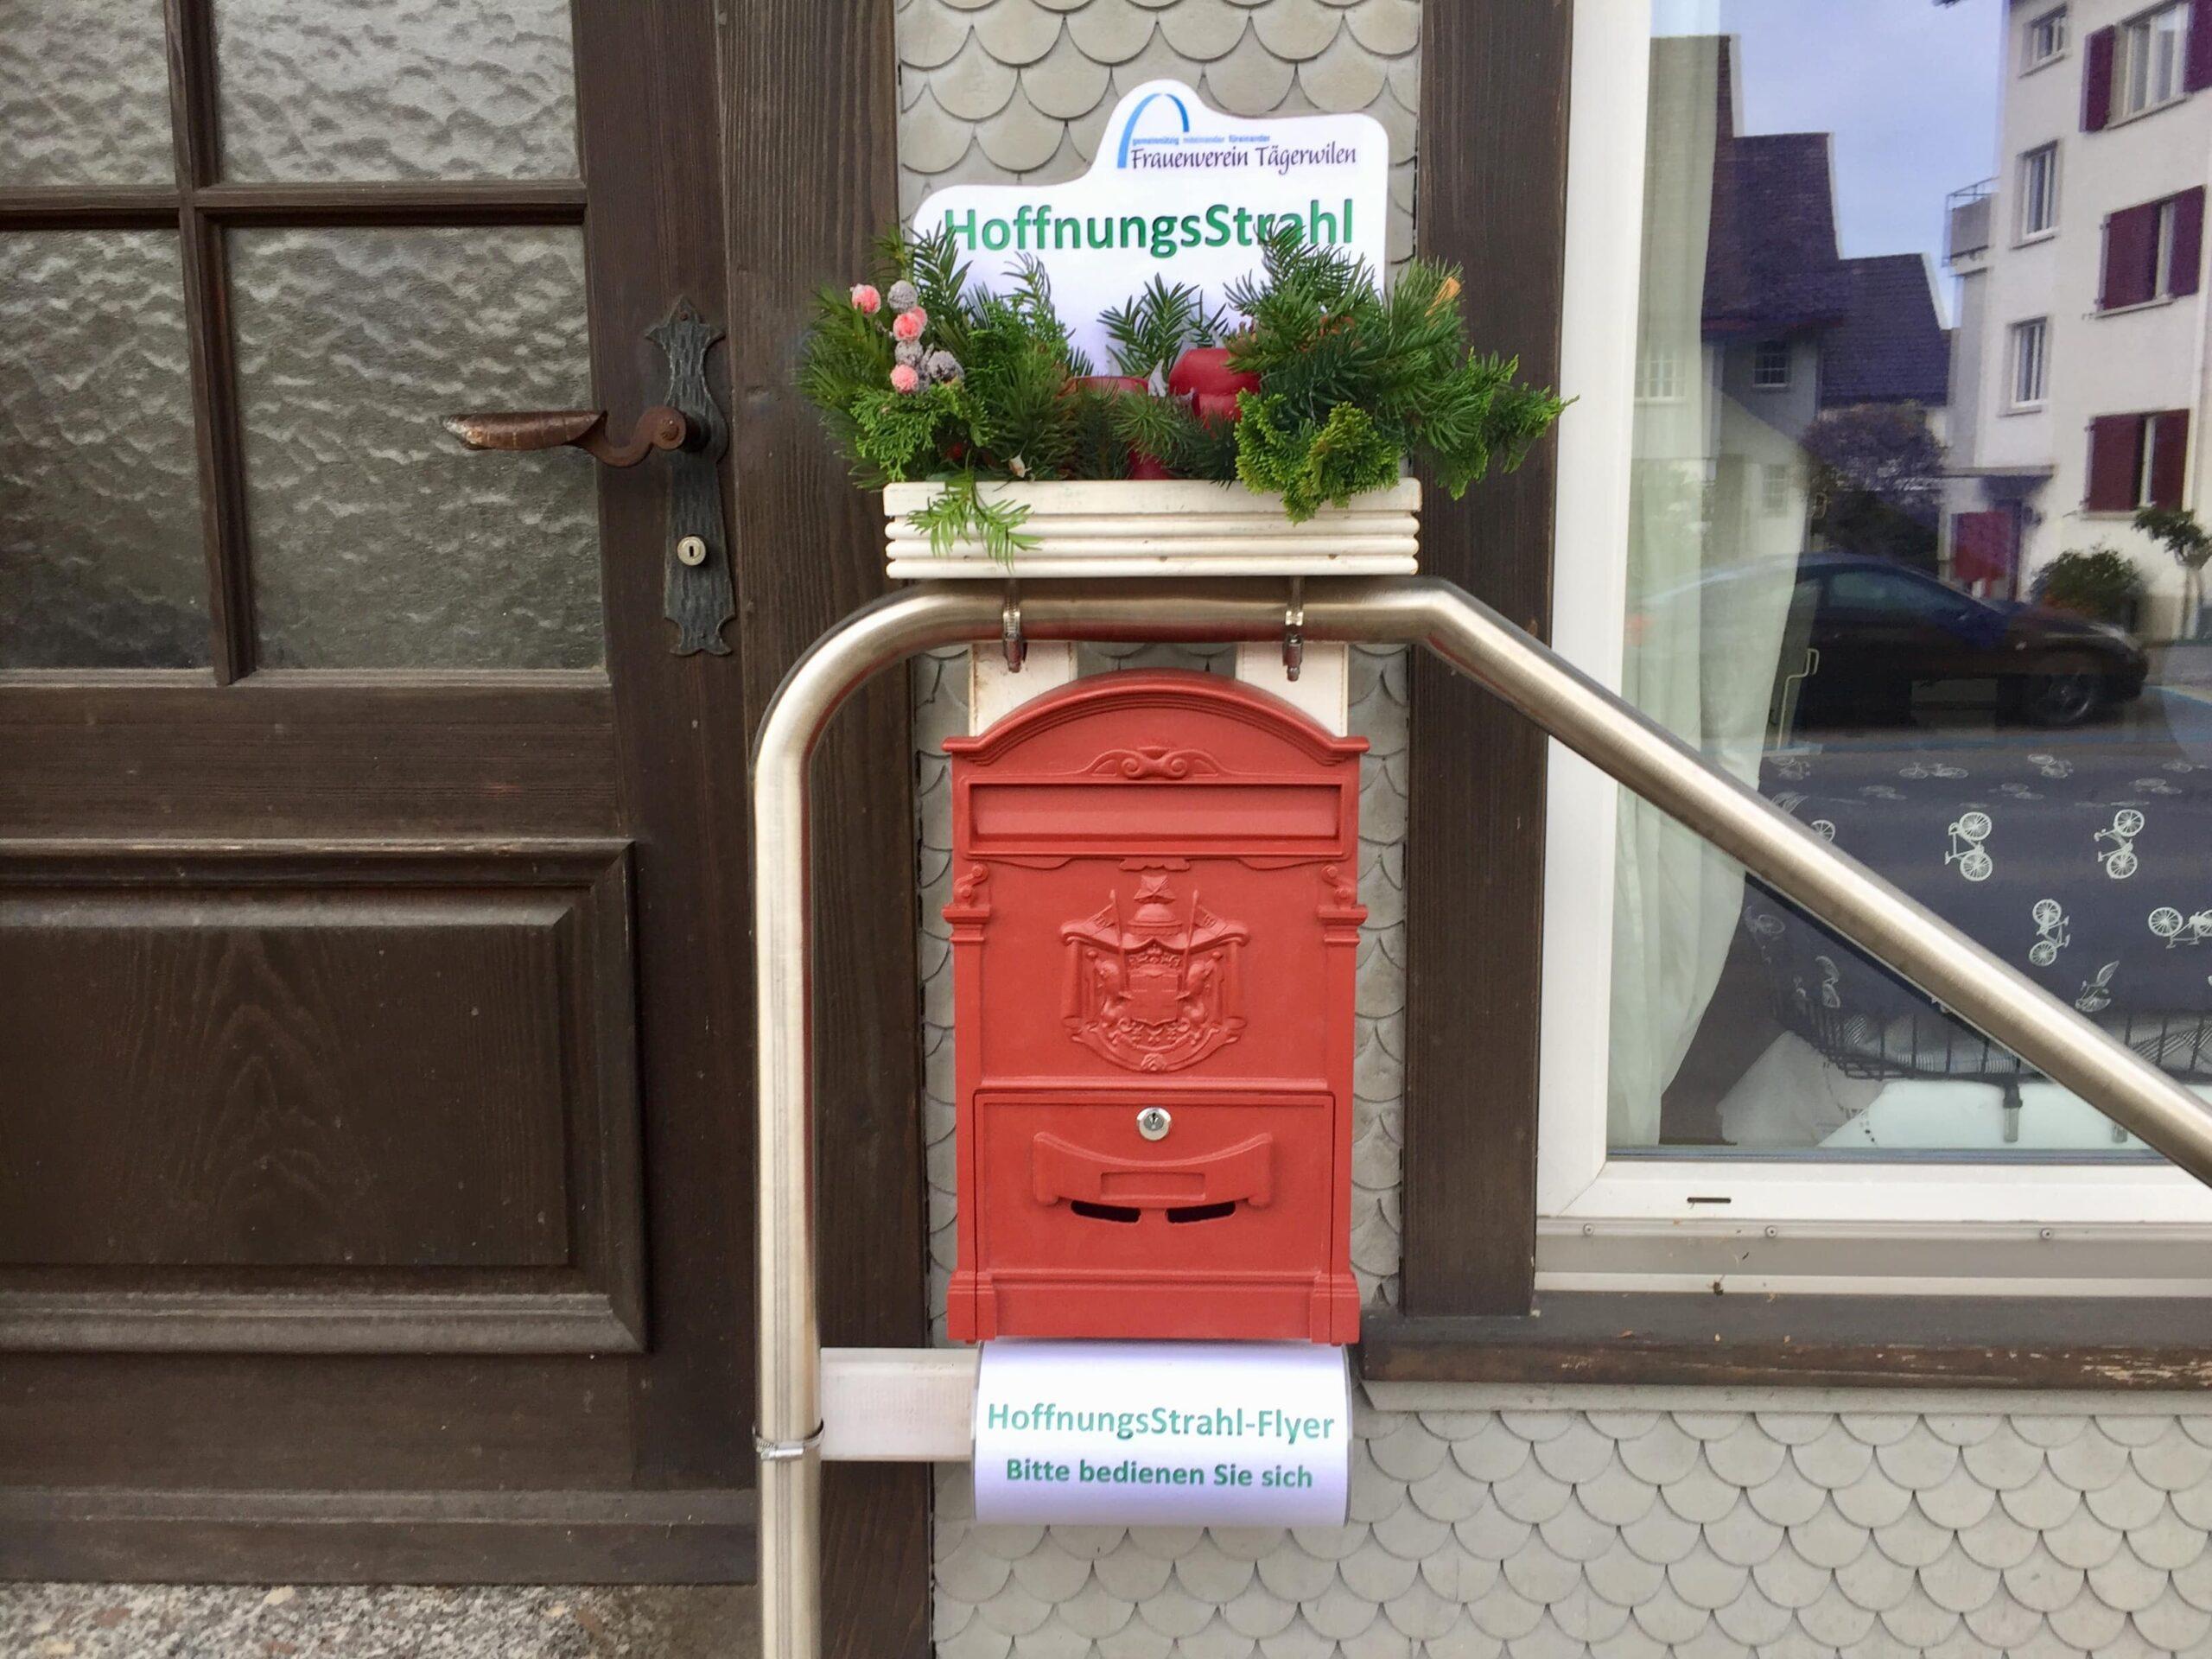 Hoffnugnsstrahl Briefkasten Frauenverein